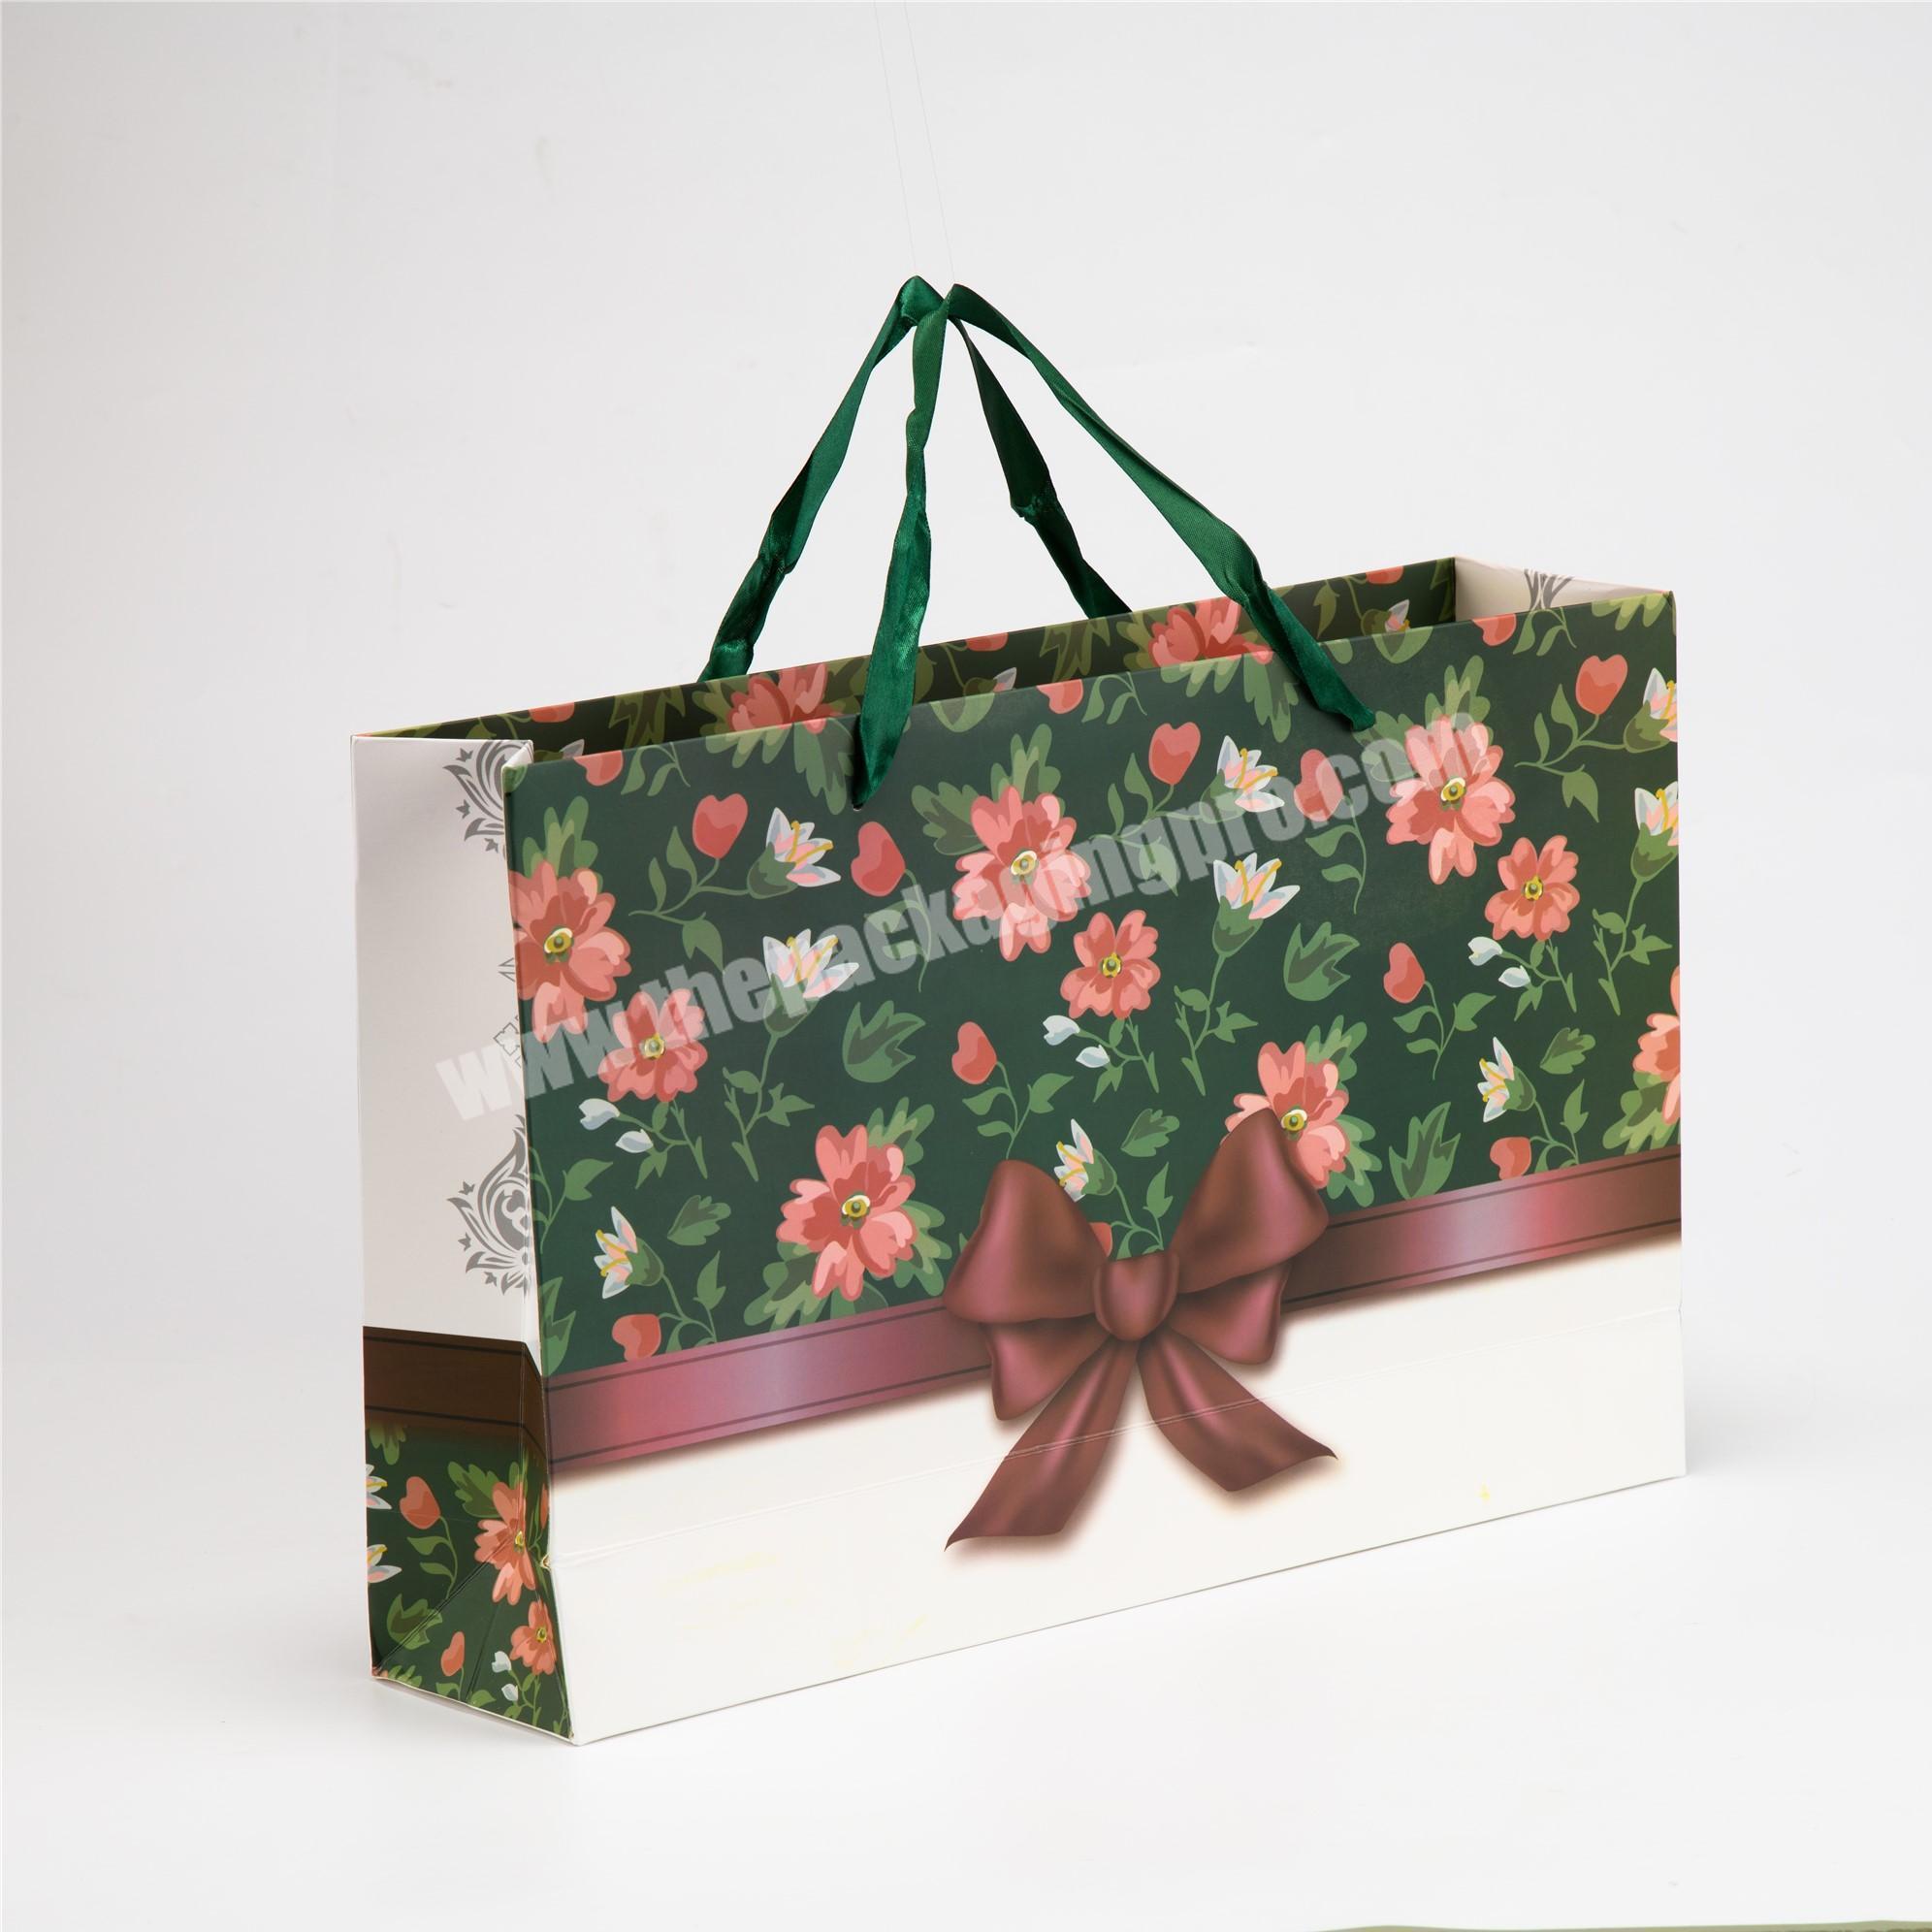 Wholesale luxury hand bags paper packaging kraft  wedding